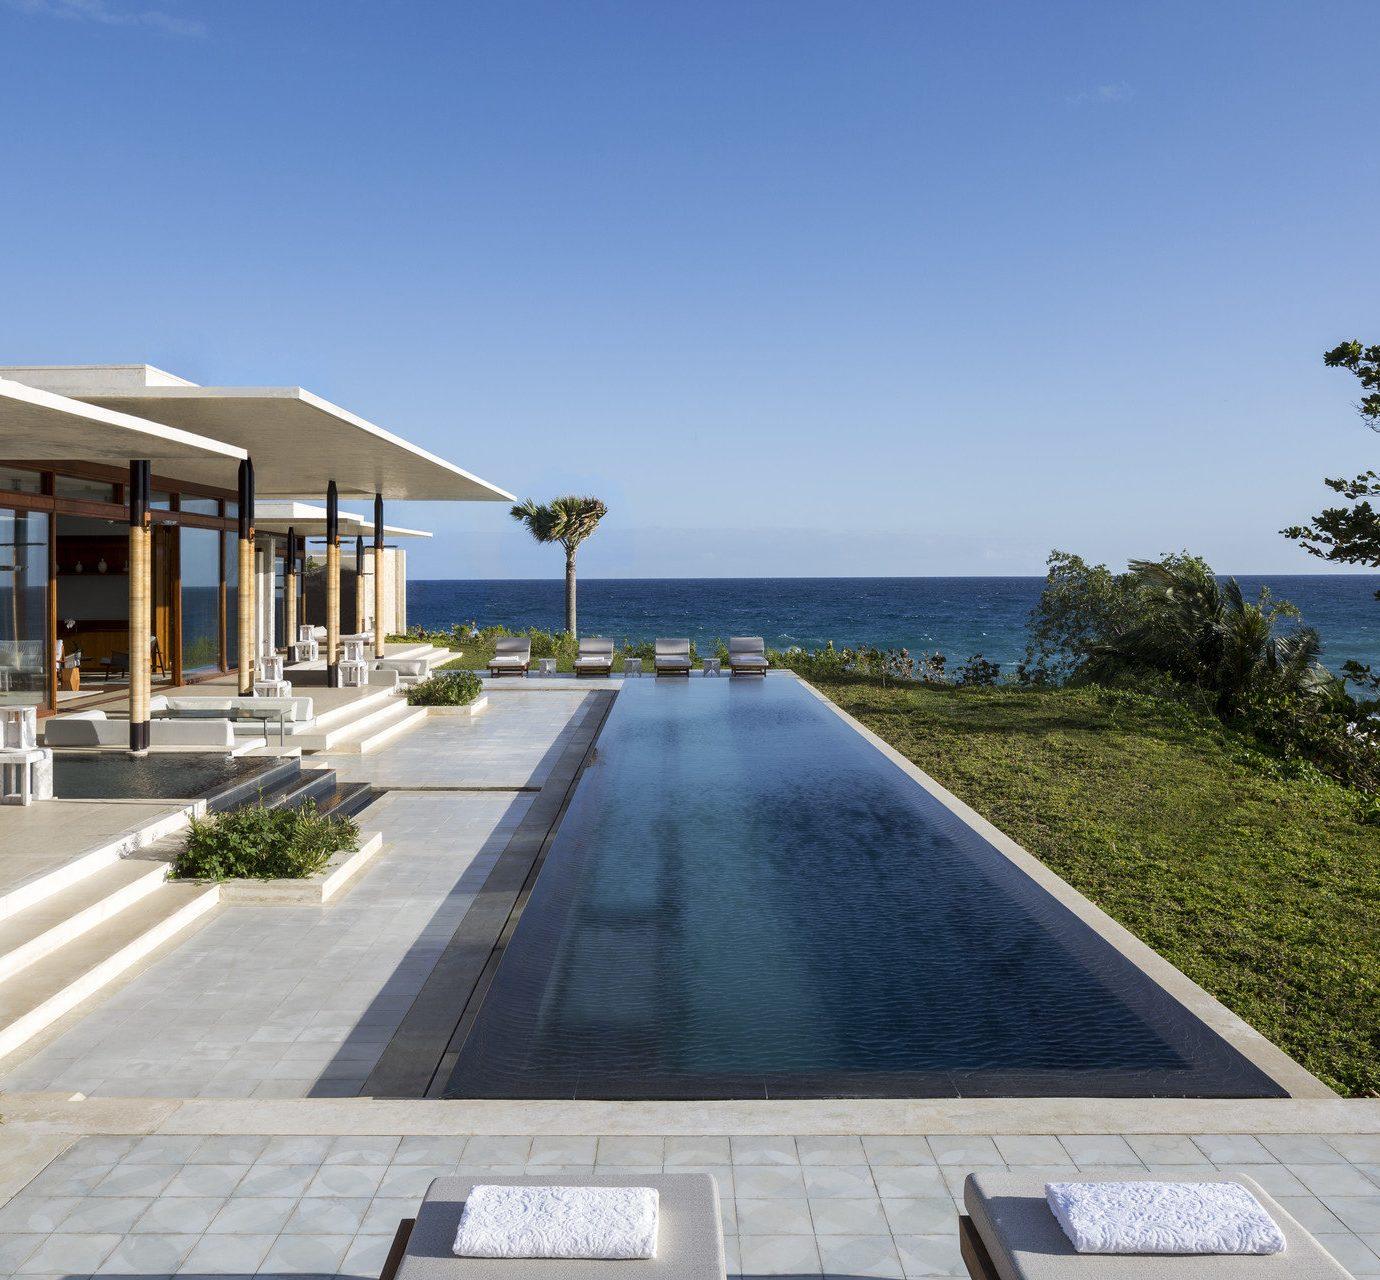 Playa Grande In Dominican Republic - Boutique Luxury Hotel And Villa